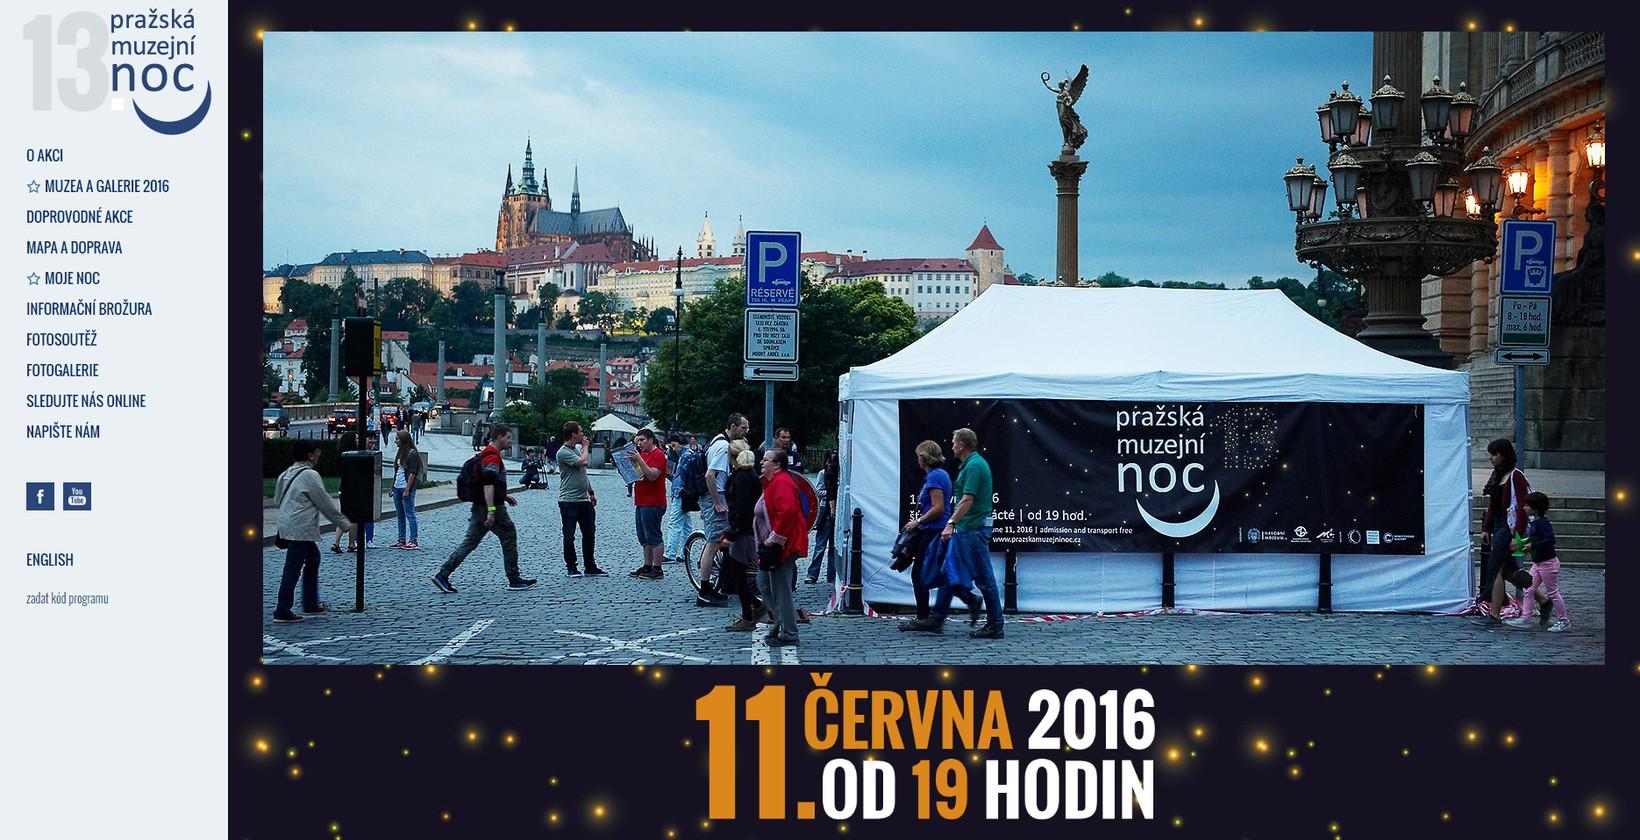 Webové stránky Pražské muzejní noci